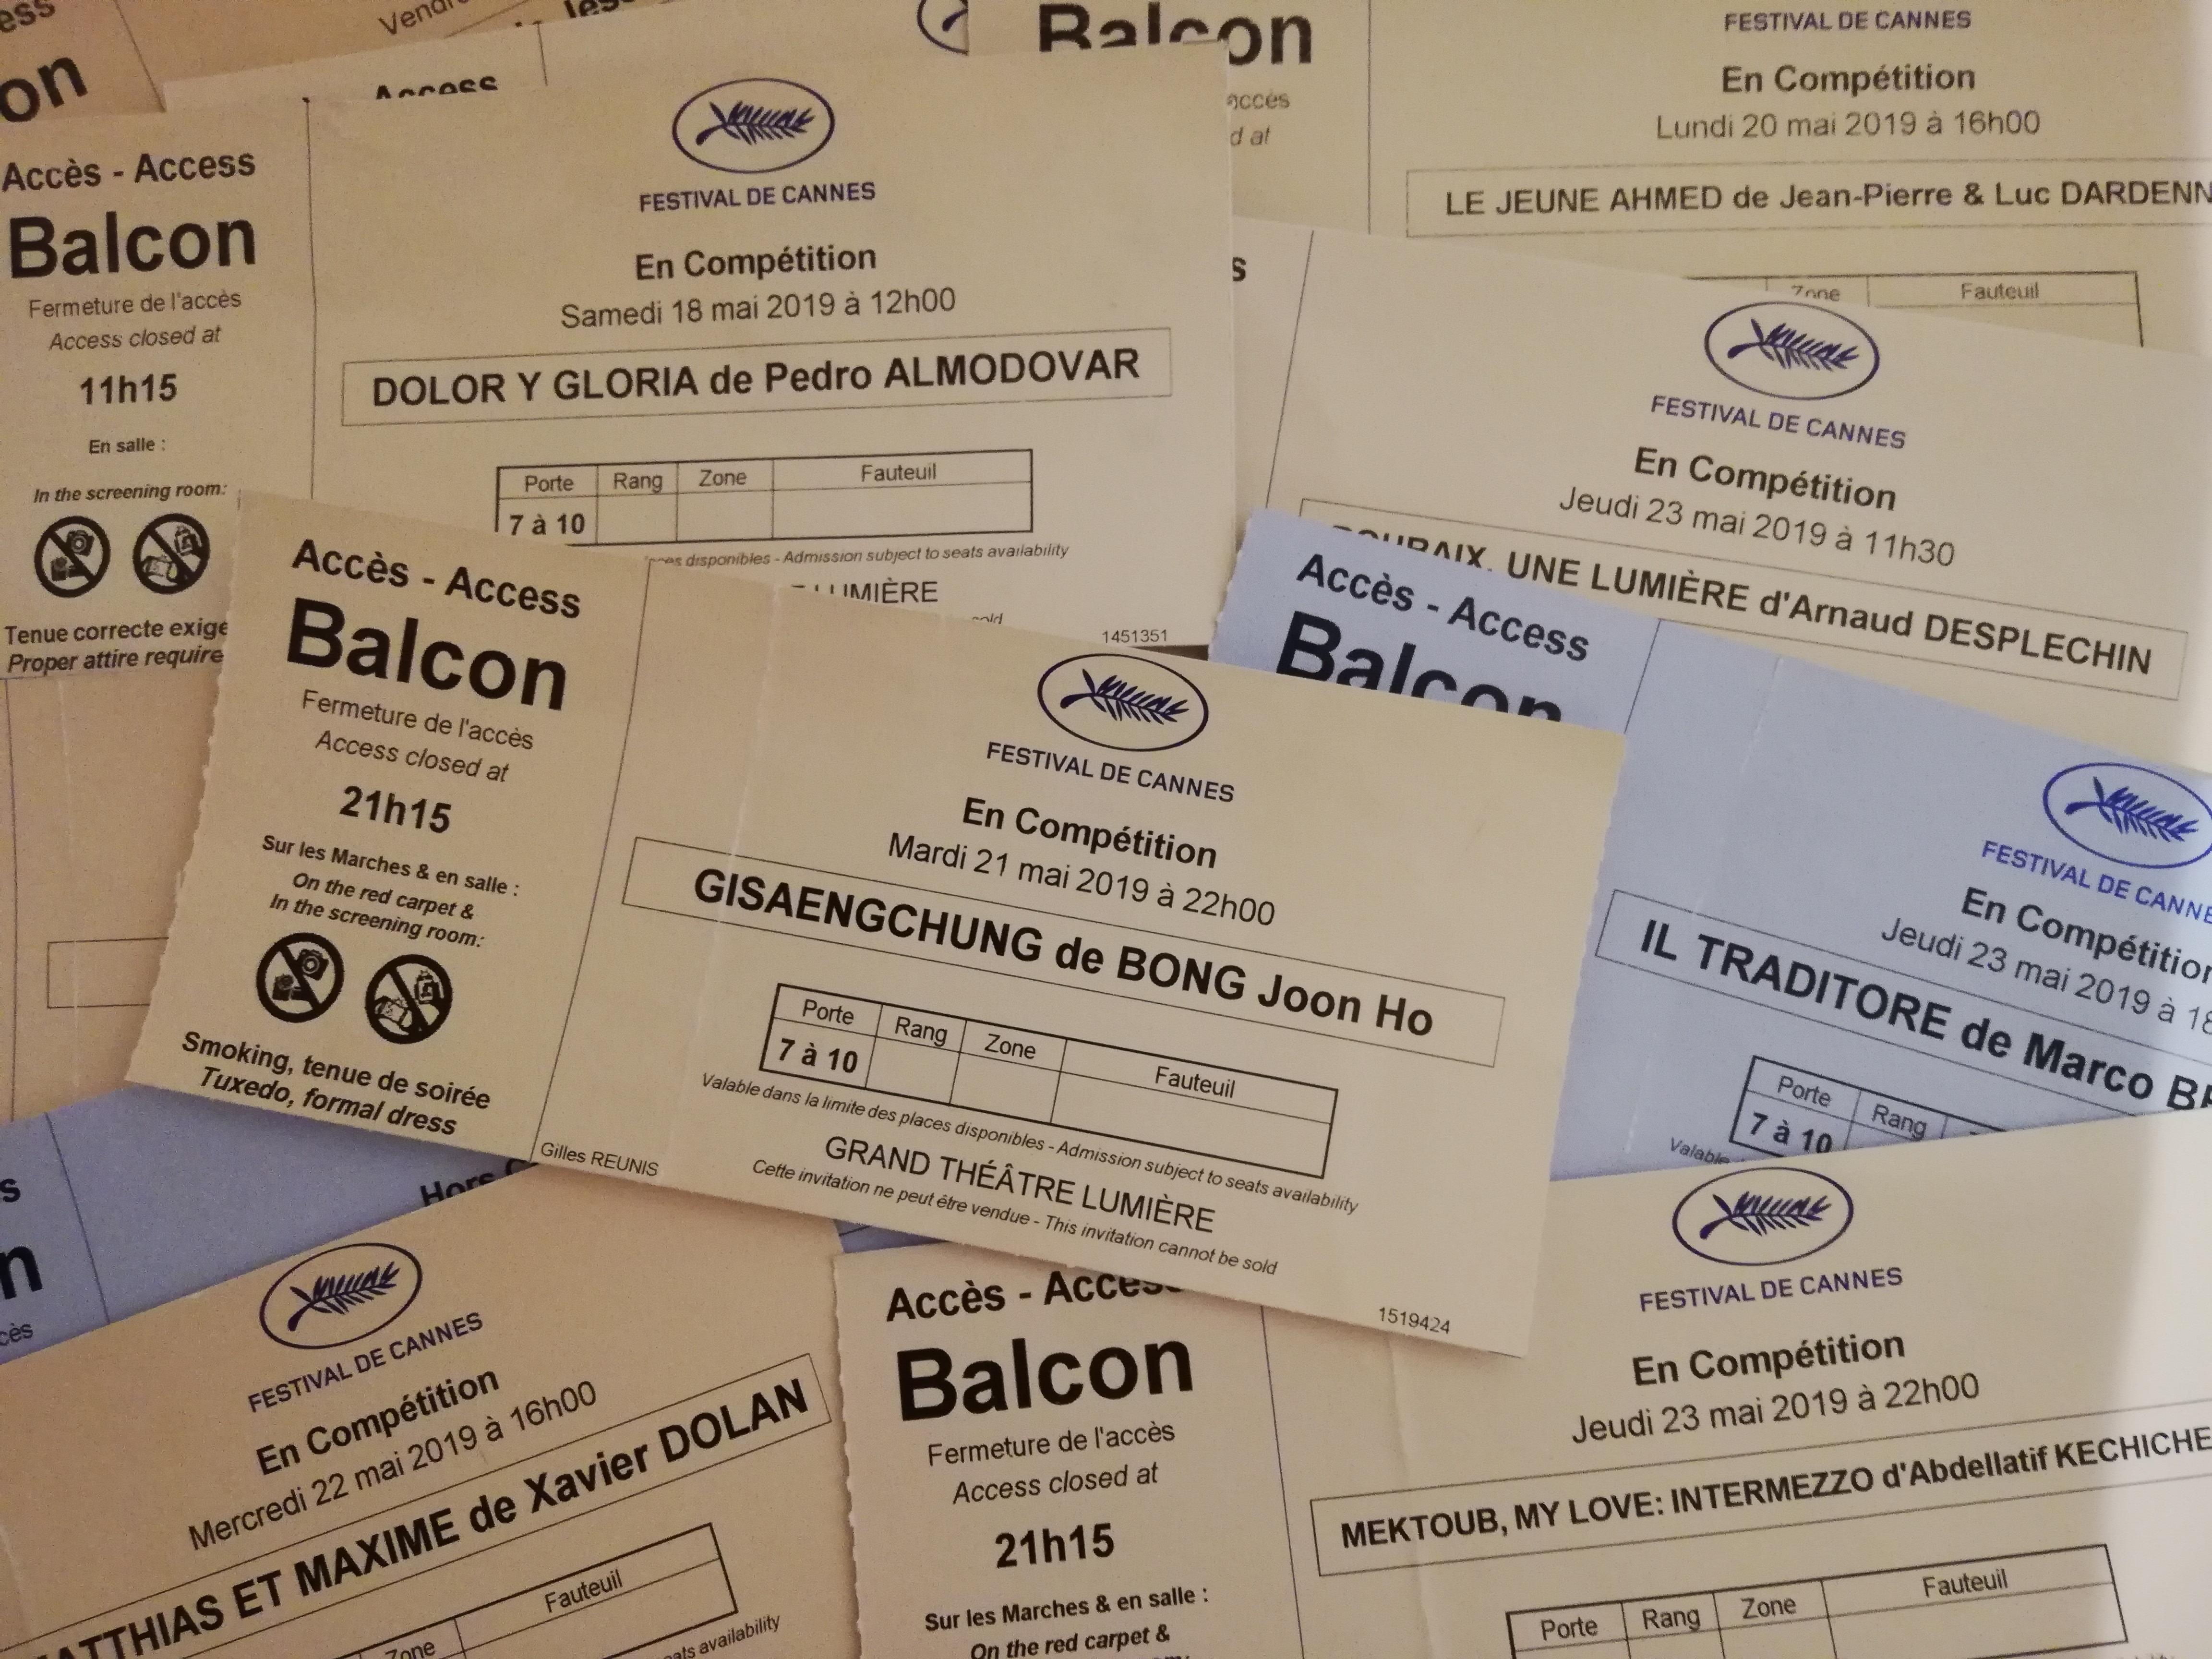 72ème Festival de Cannes : que faut-il retenir dans sa whishlist 2019 ?